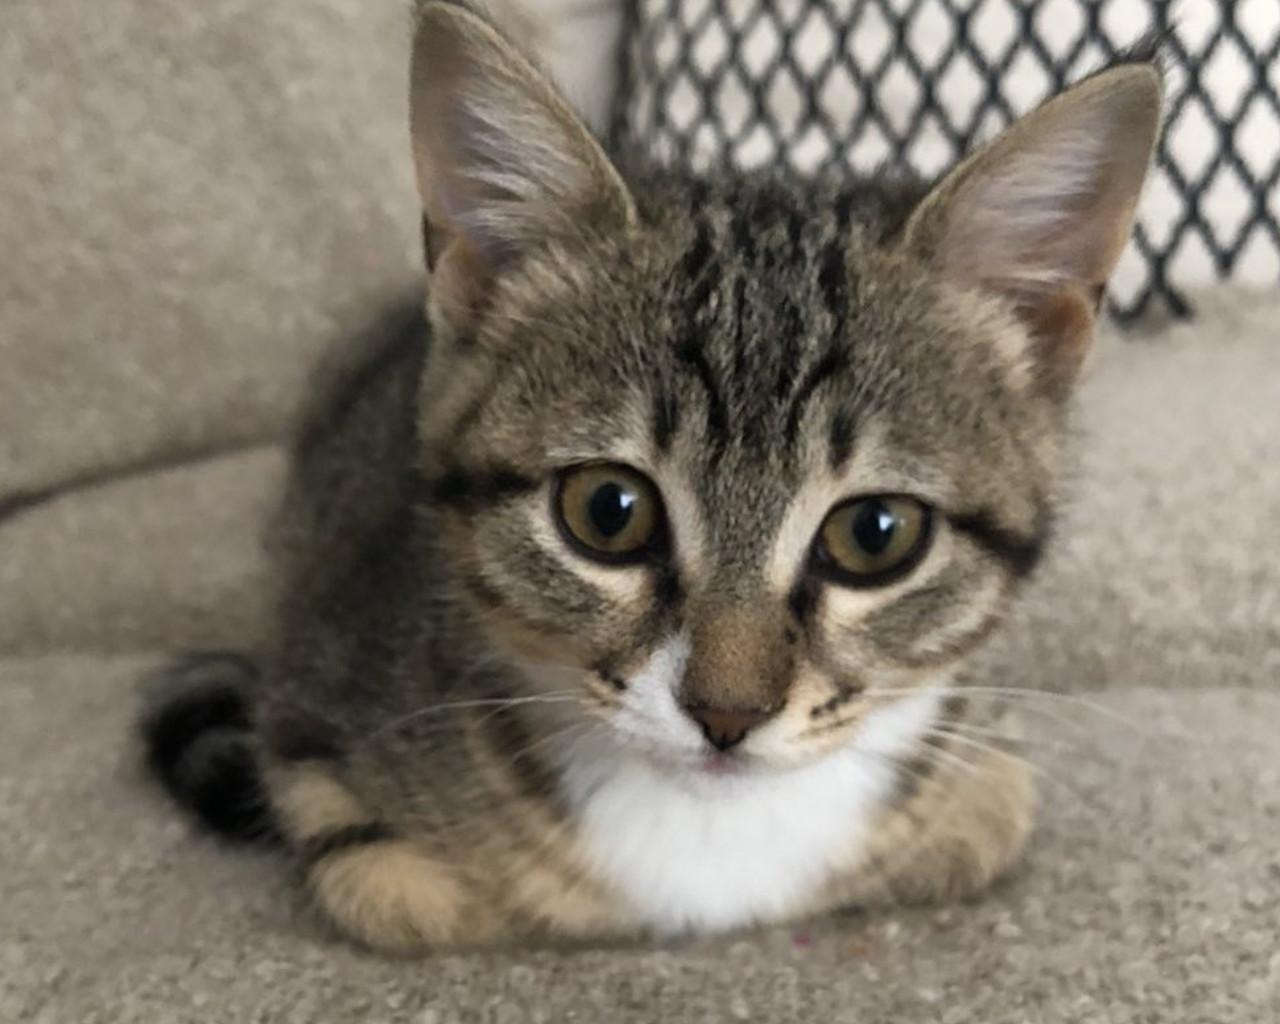 γατα,γατακια,γατα ονειροκριτησ,γατα περσιασ,γατα βεγγαλησ,γατα σιαμ,γατα αγκυρασ,γατακι,γατα χωρισ τριχωμα